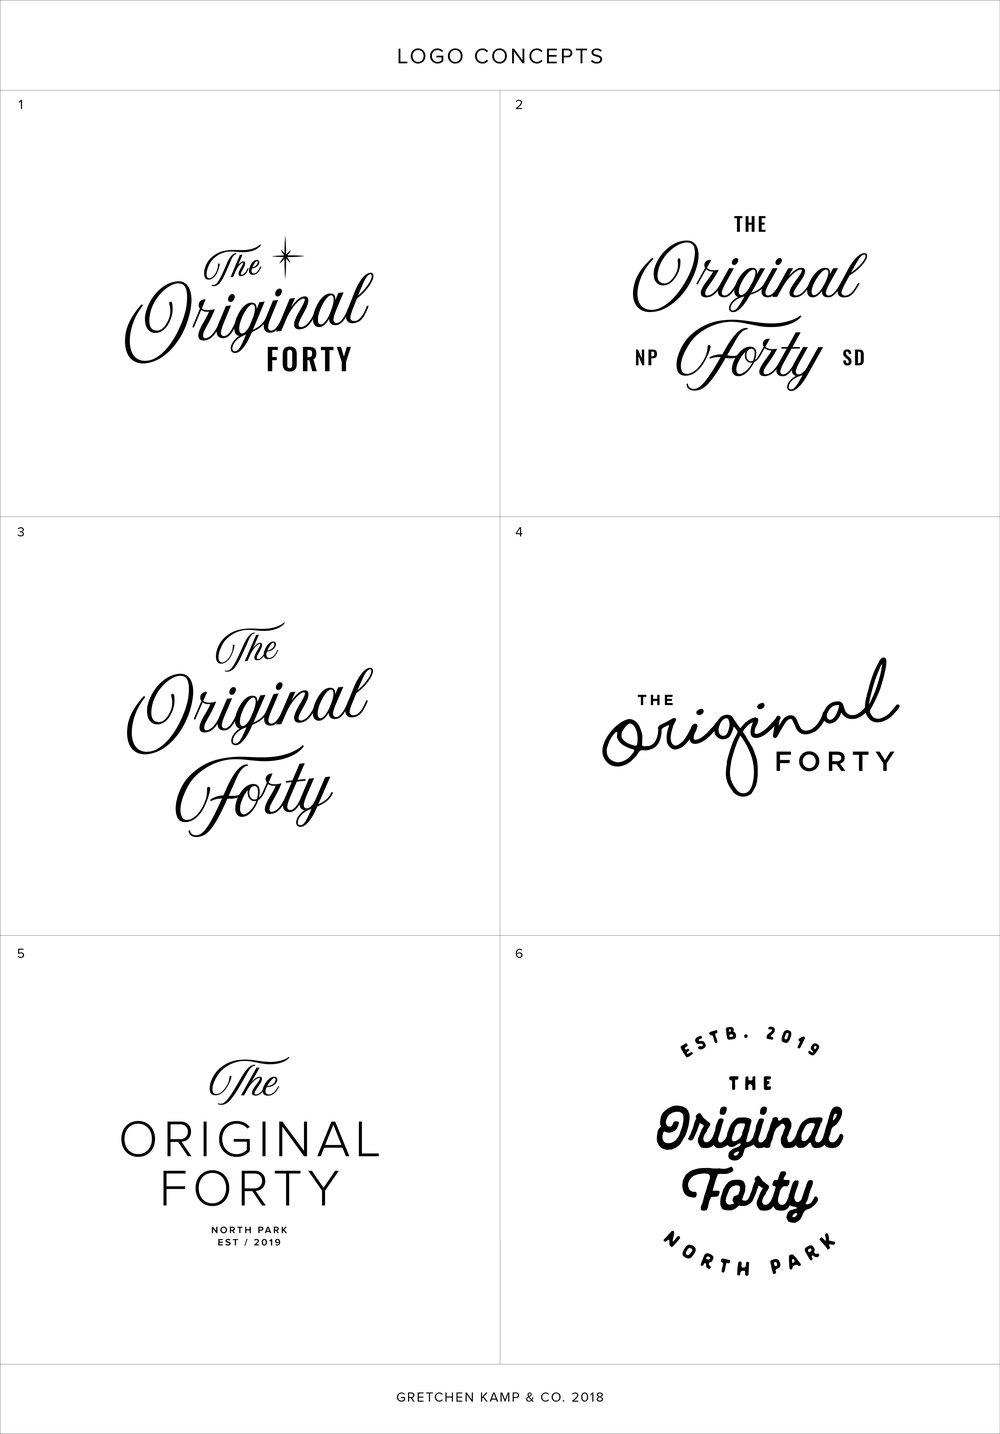 TheOriginal40_logos_v01.jpg